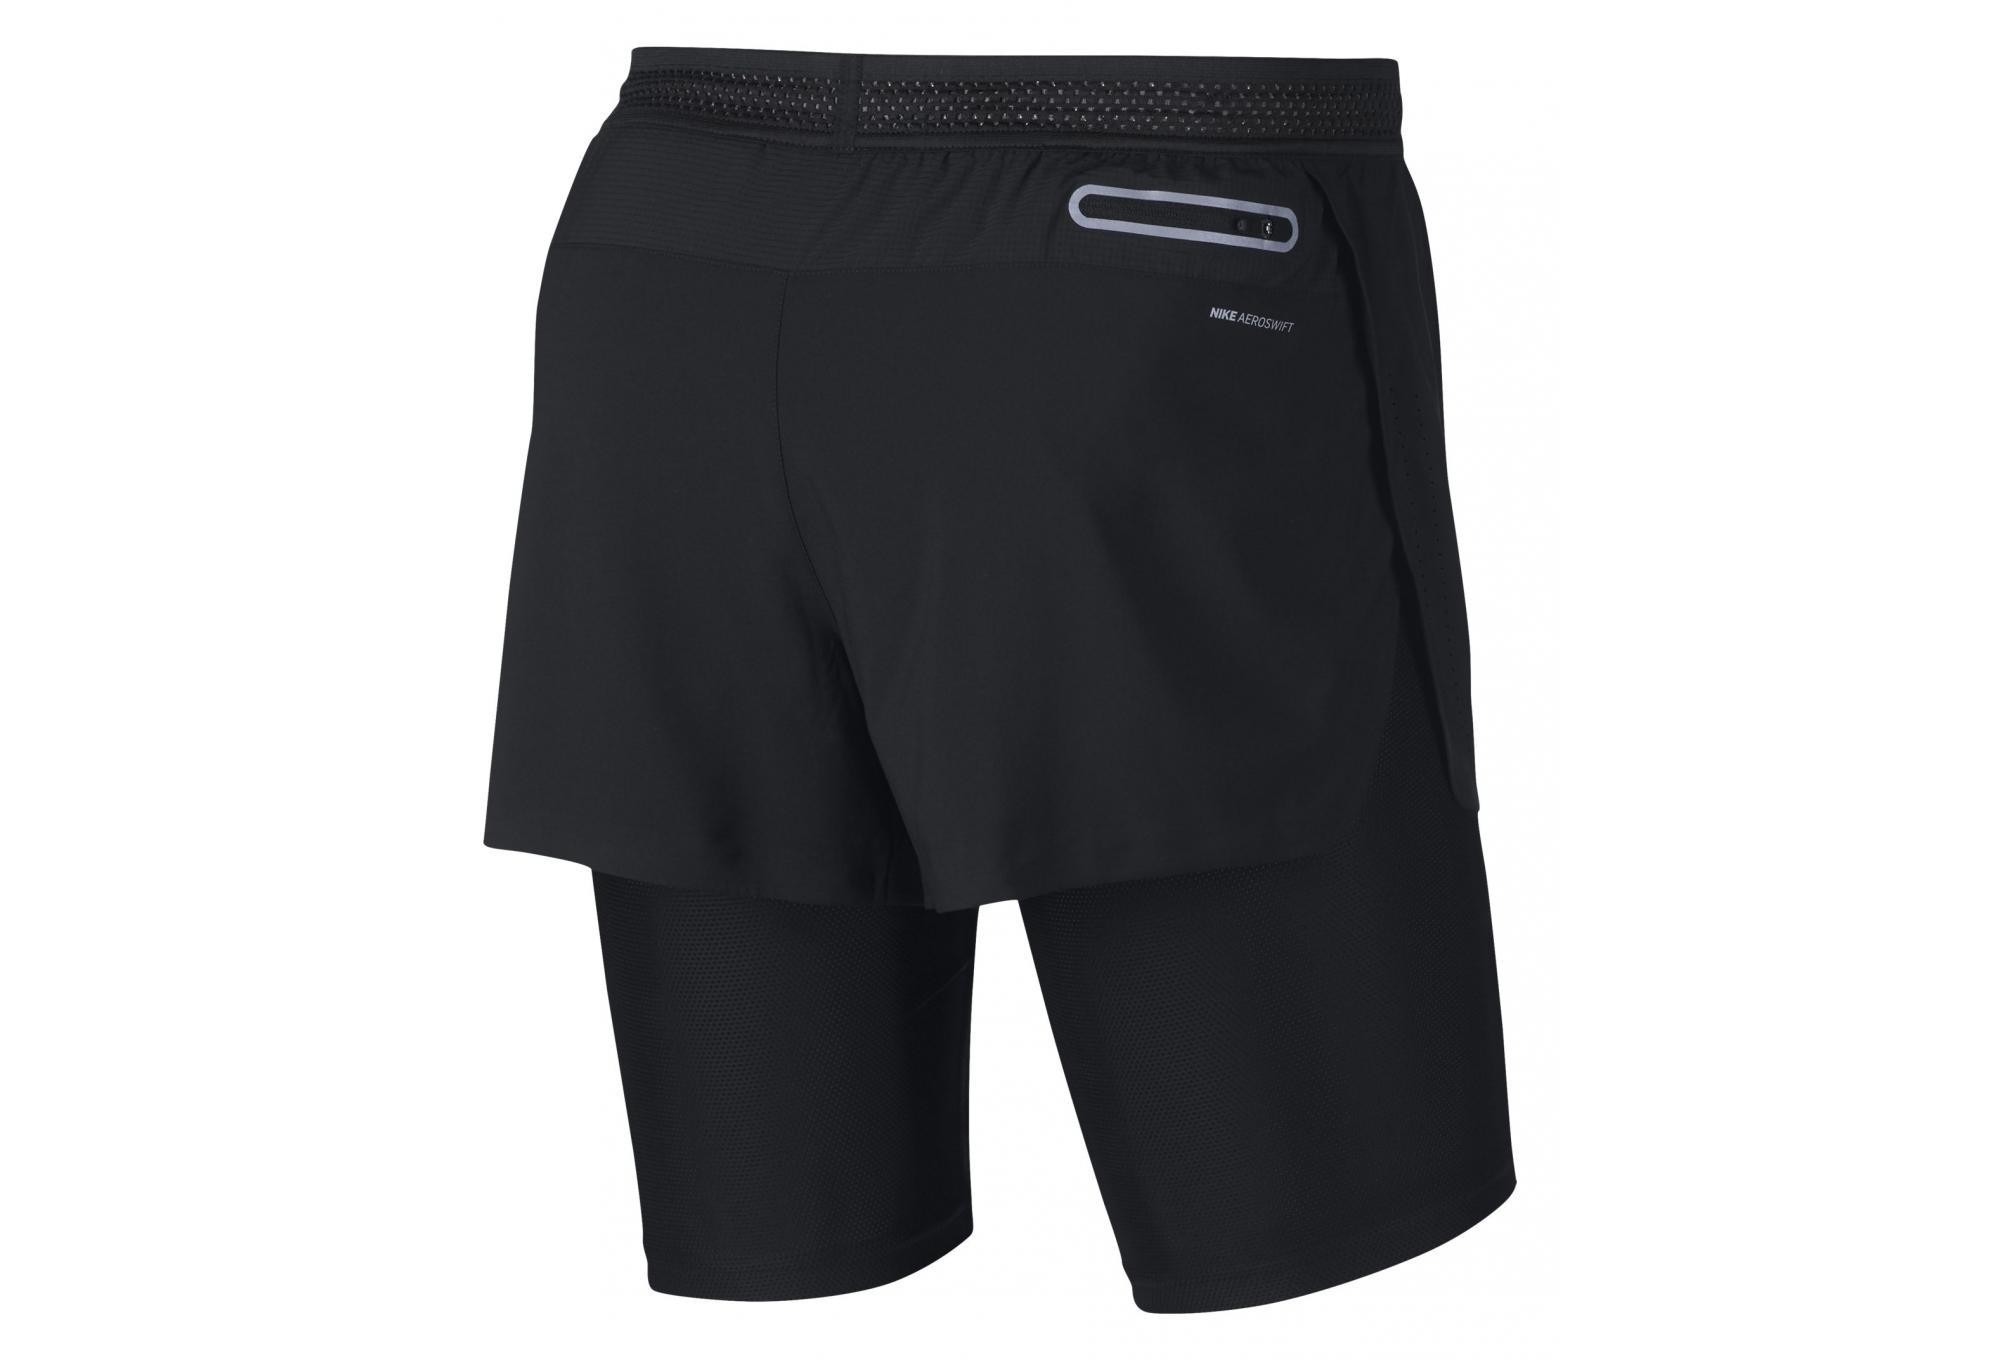 Nike Schwarz Herren 1 AeroSwift in 2 Short nPO0w8k